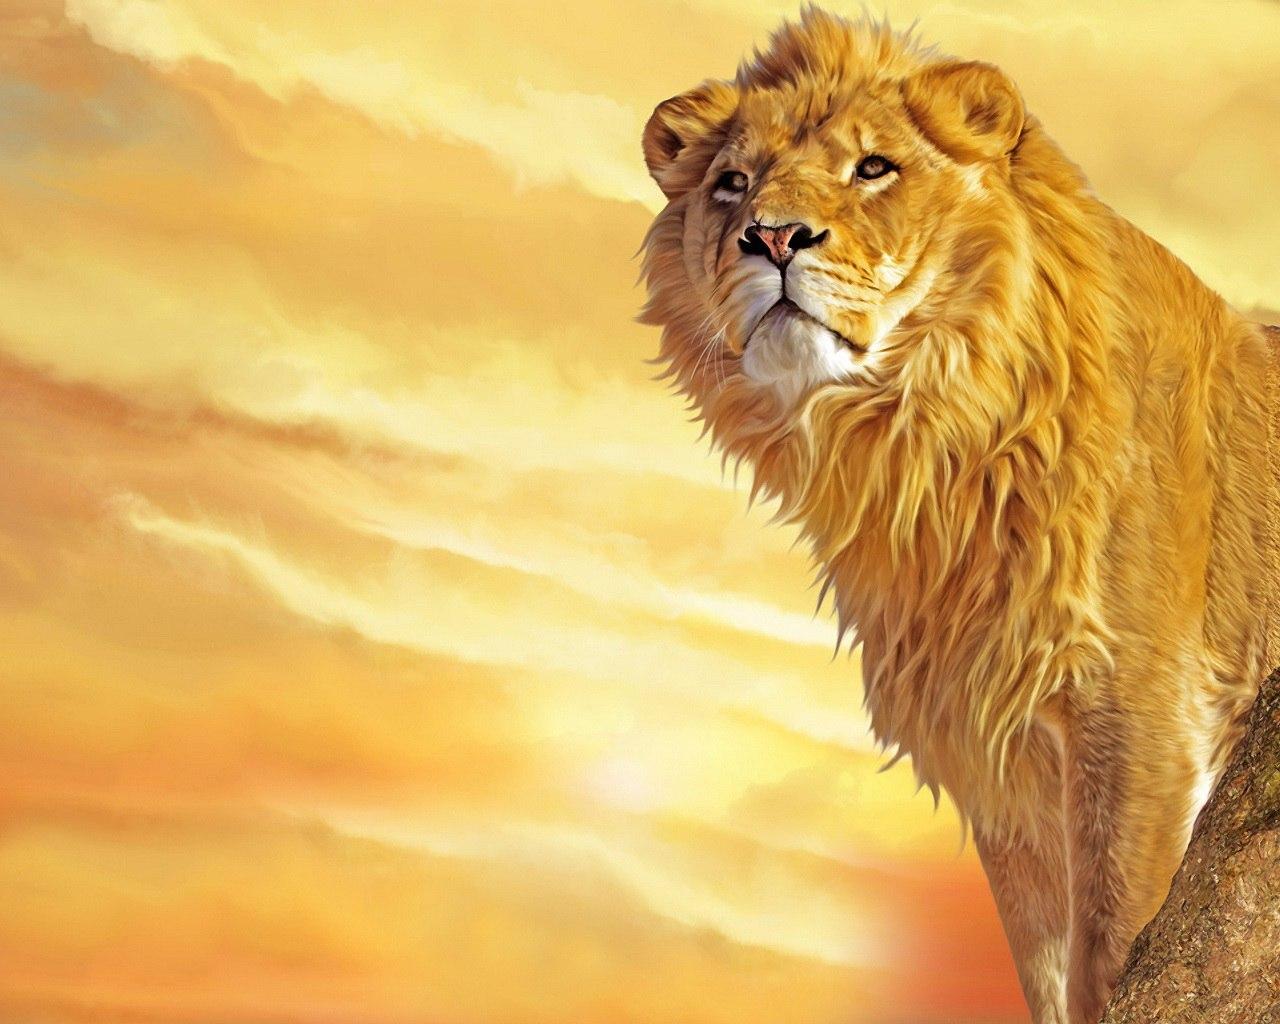 Lion Wallpaper 008